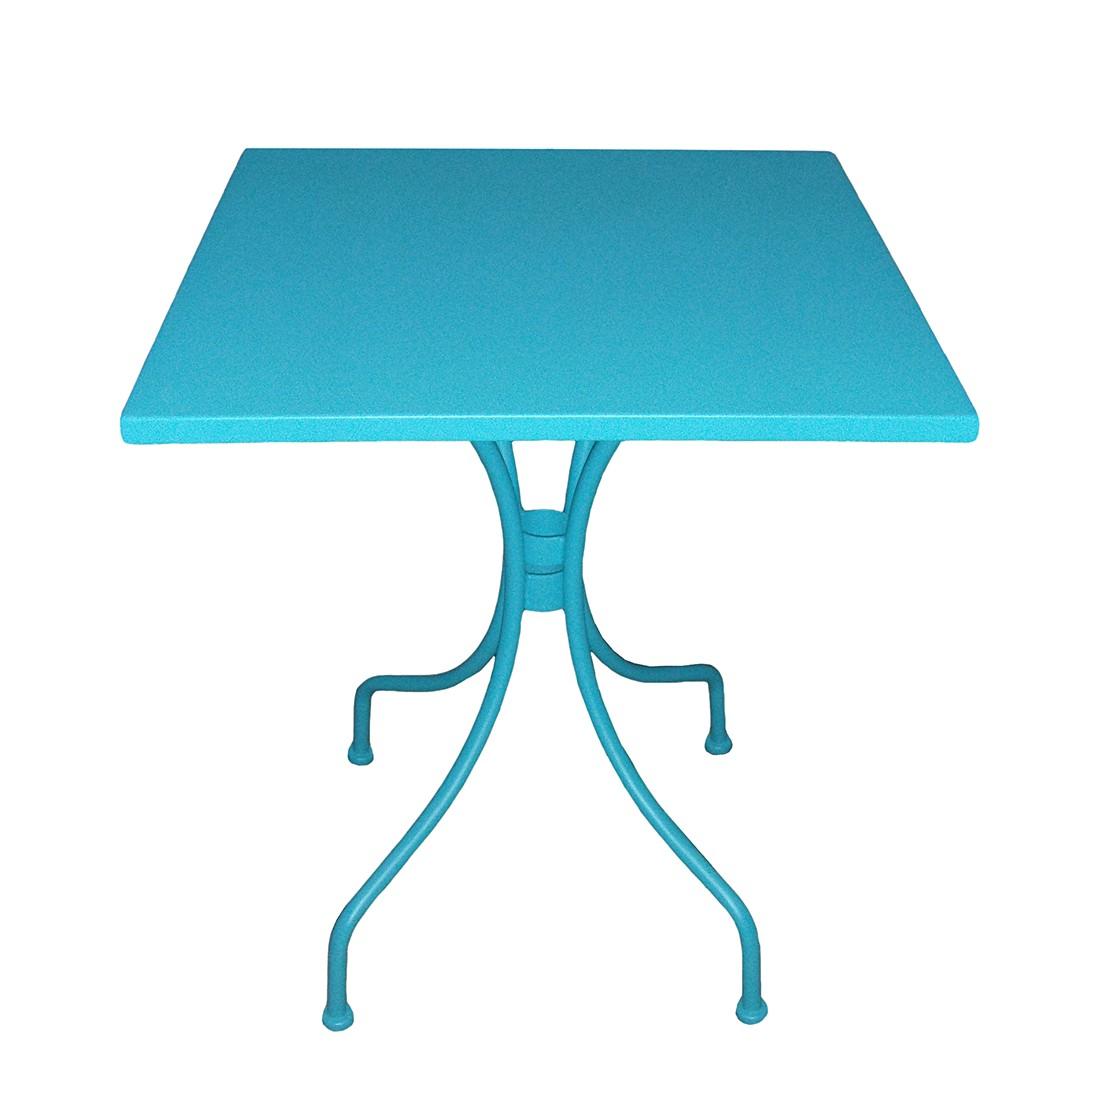 gartentisch jovy metall t rkis mooved jetzt kaufen. Black Bedroom Furniture Sets. Home Design Ideas